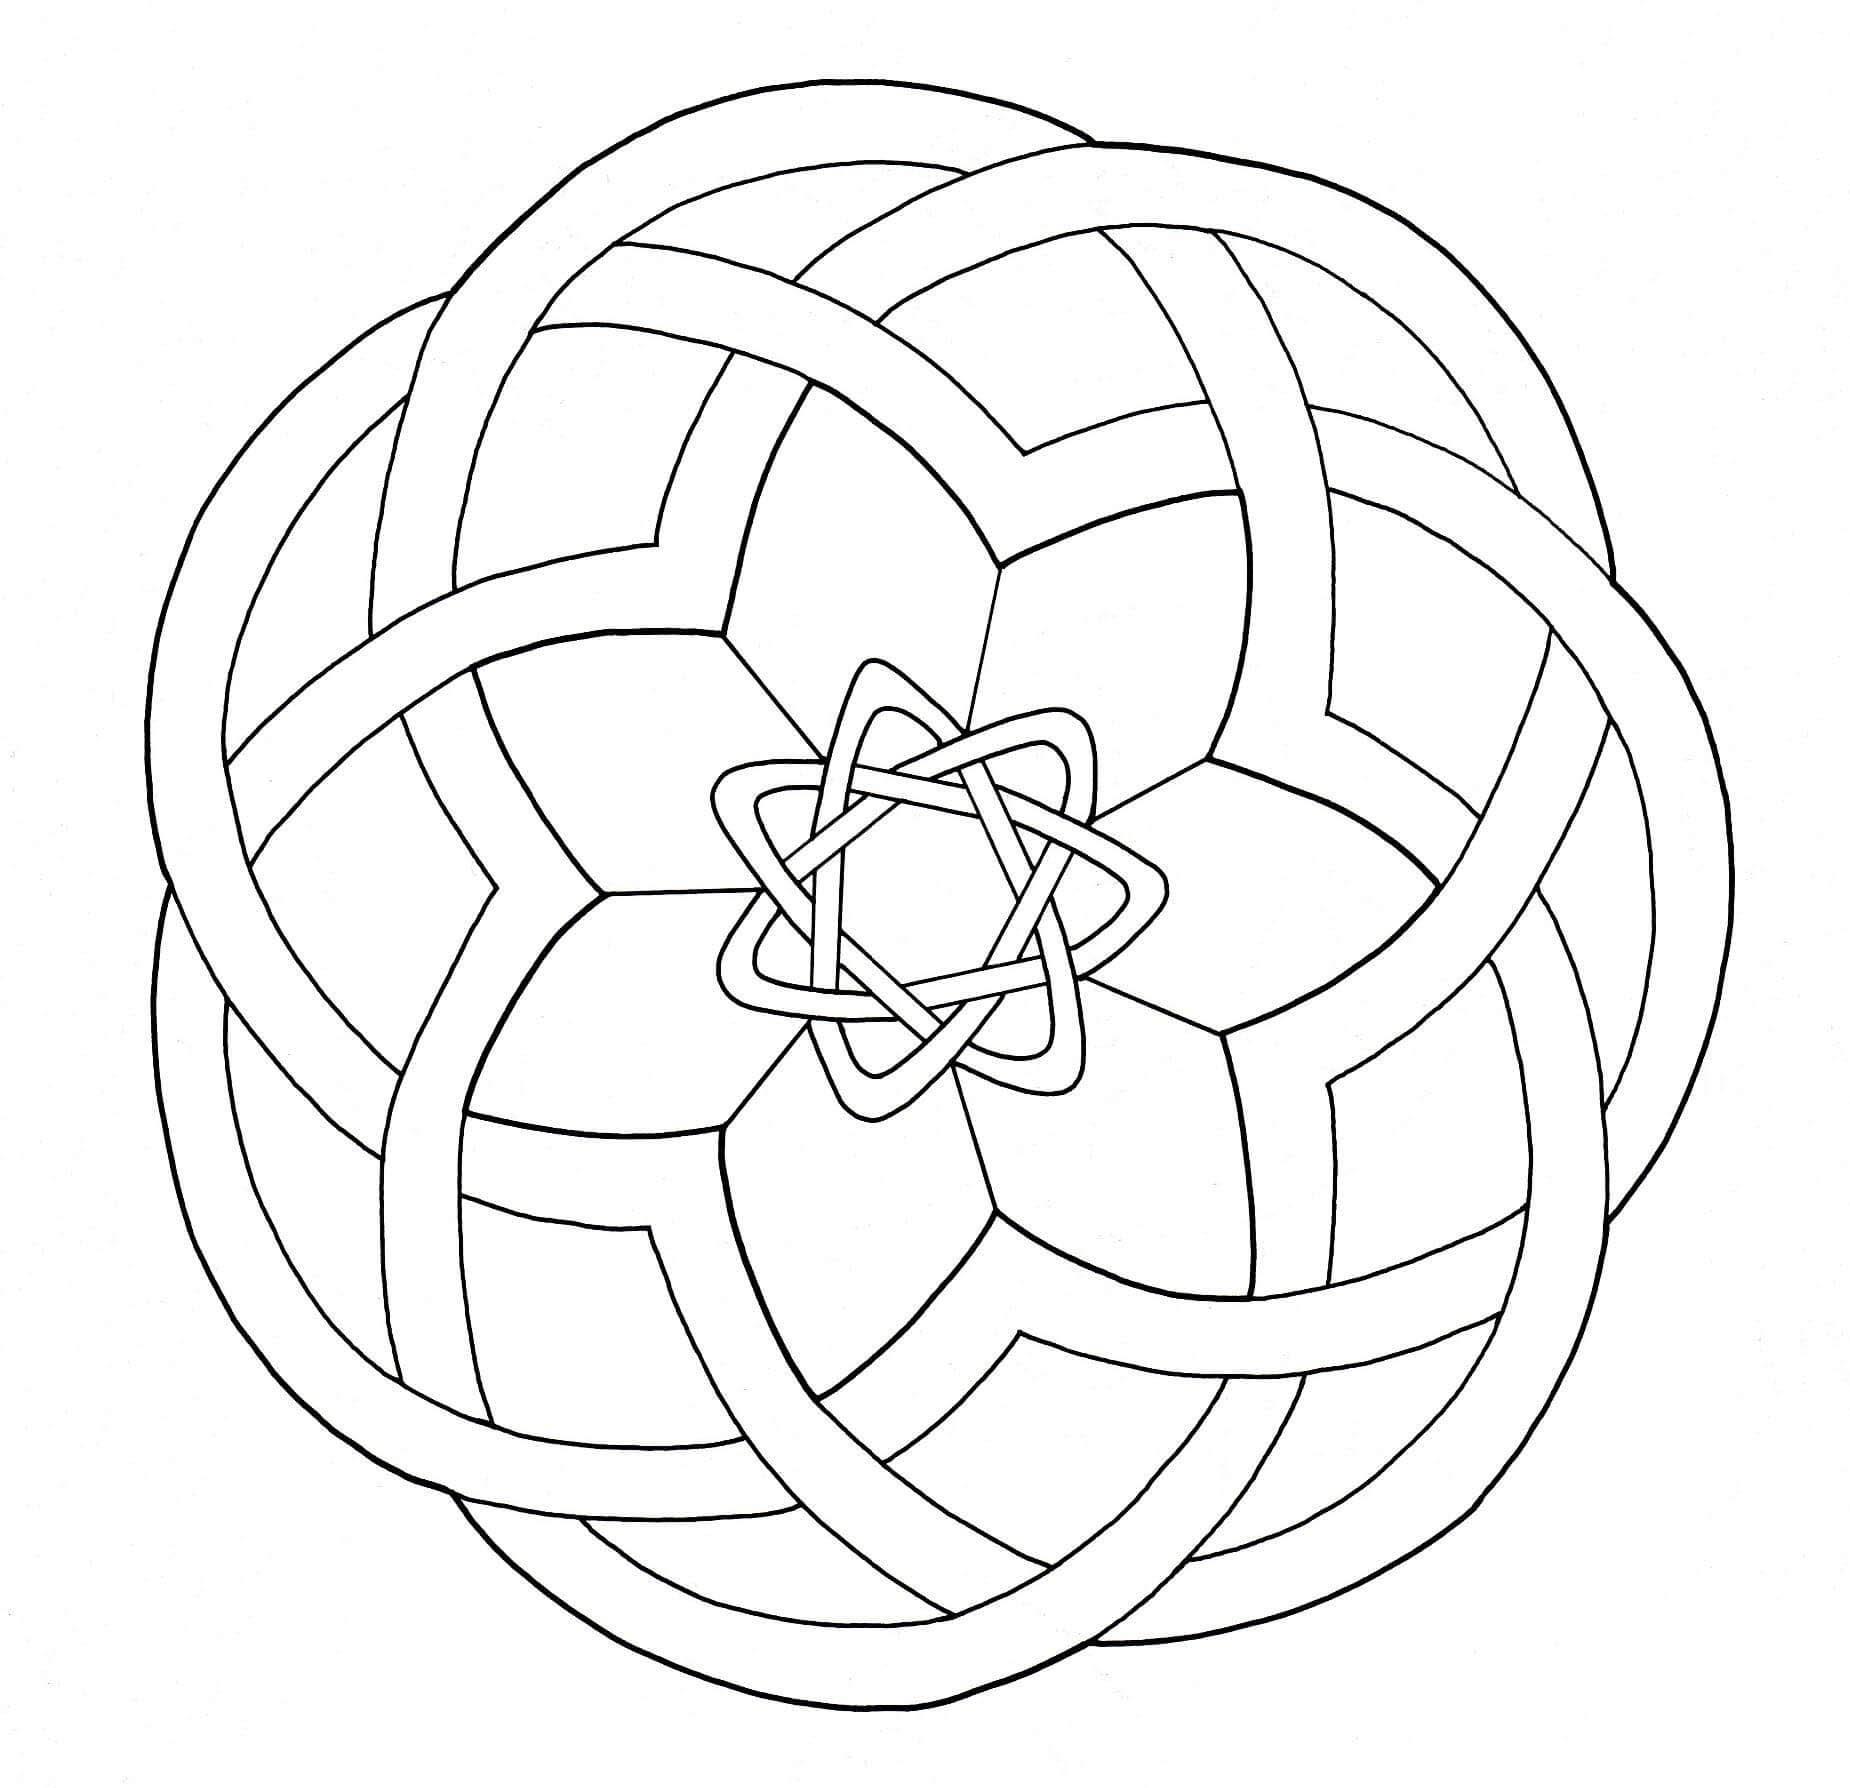 Celtic art design looking like a simple Mandala